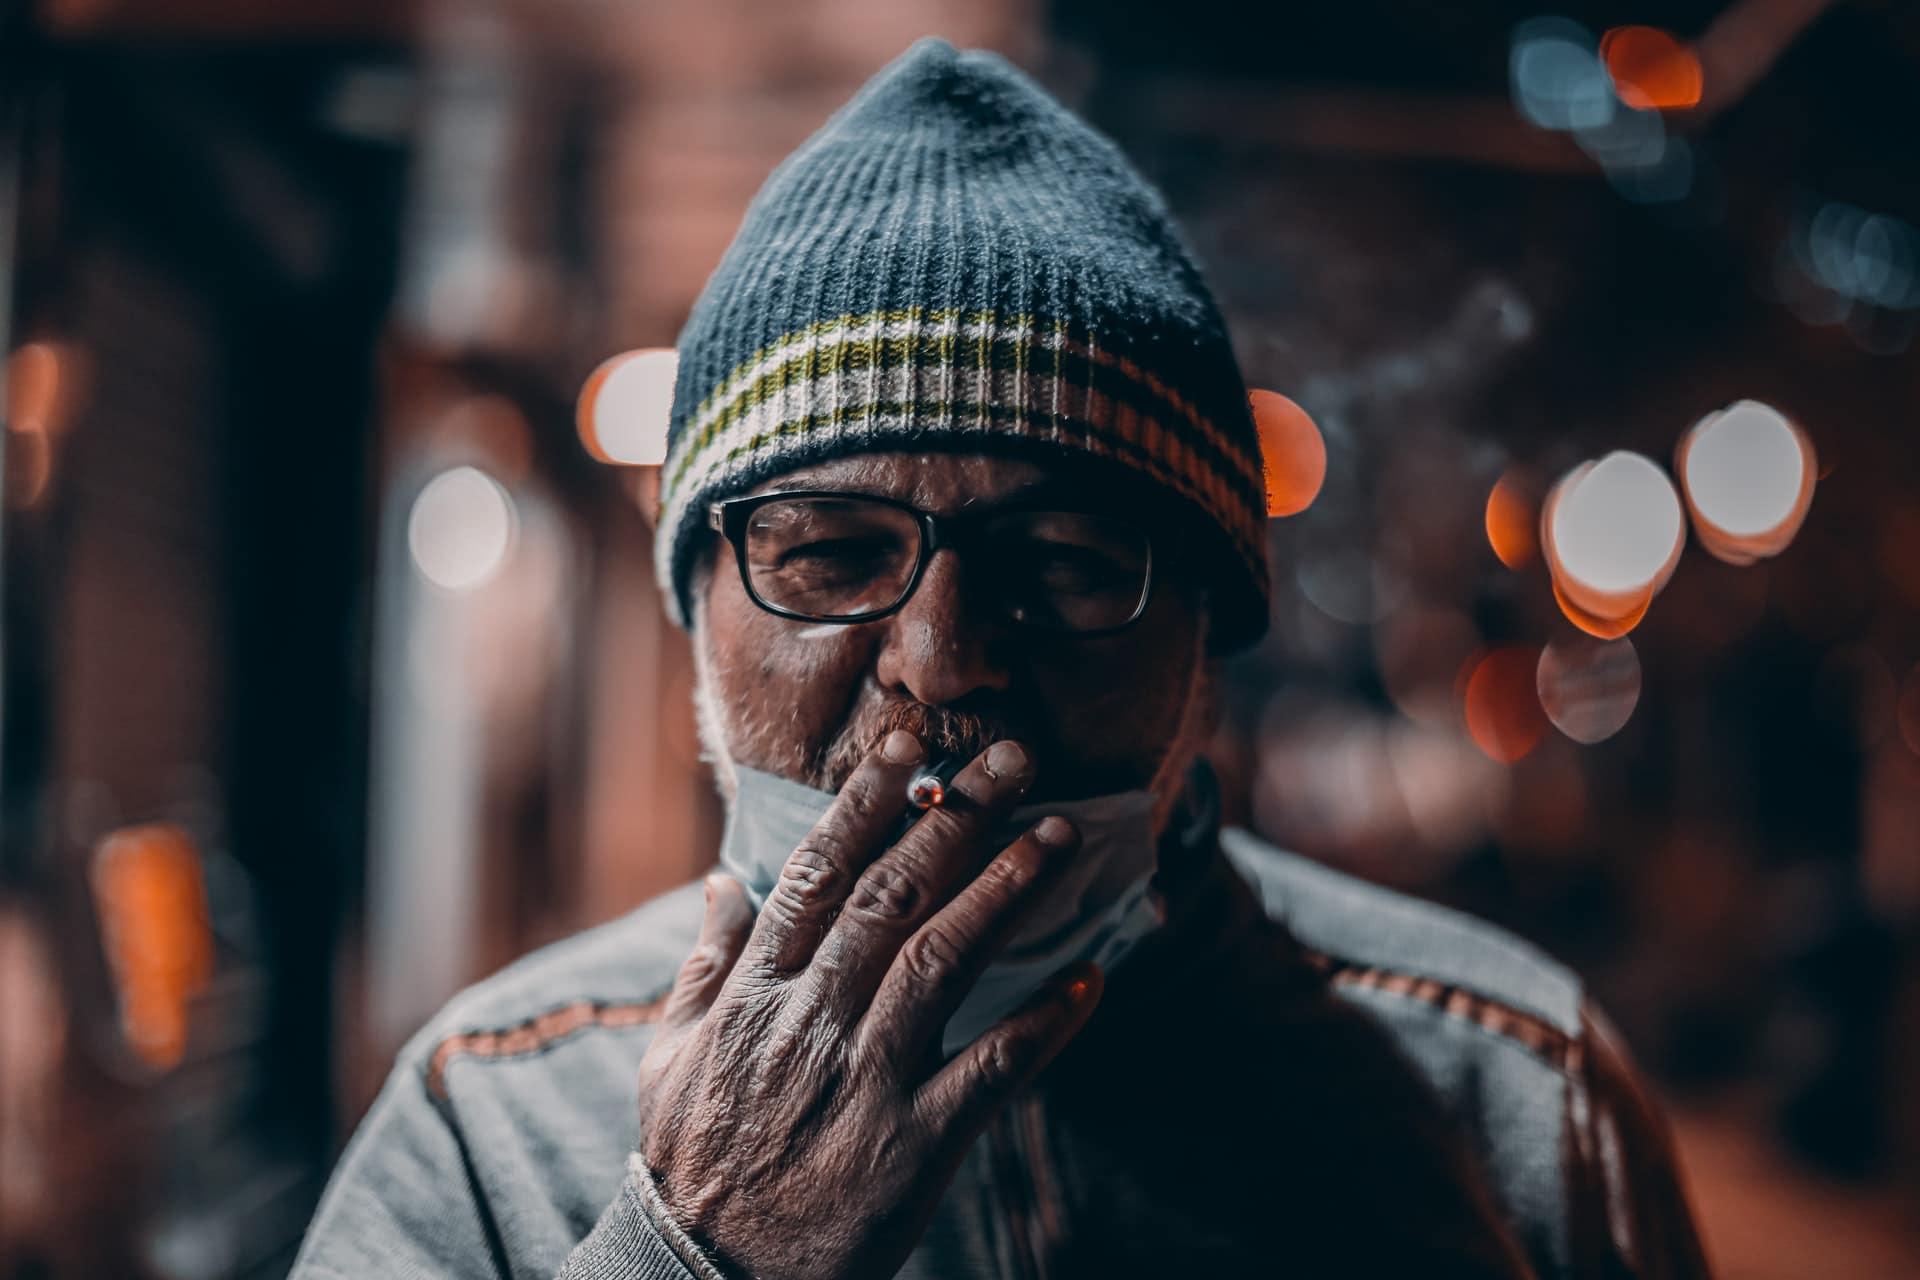 Nación Cannabis | Consumidores de cannabis quieren fumar con sus abuelos